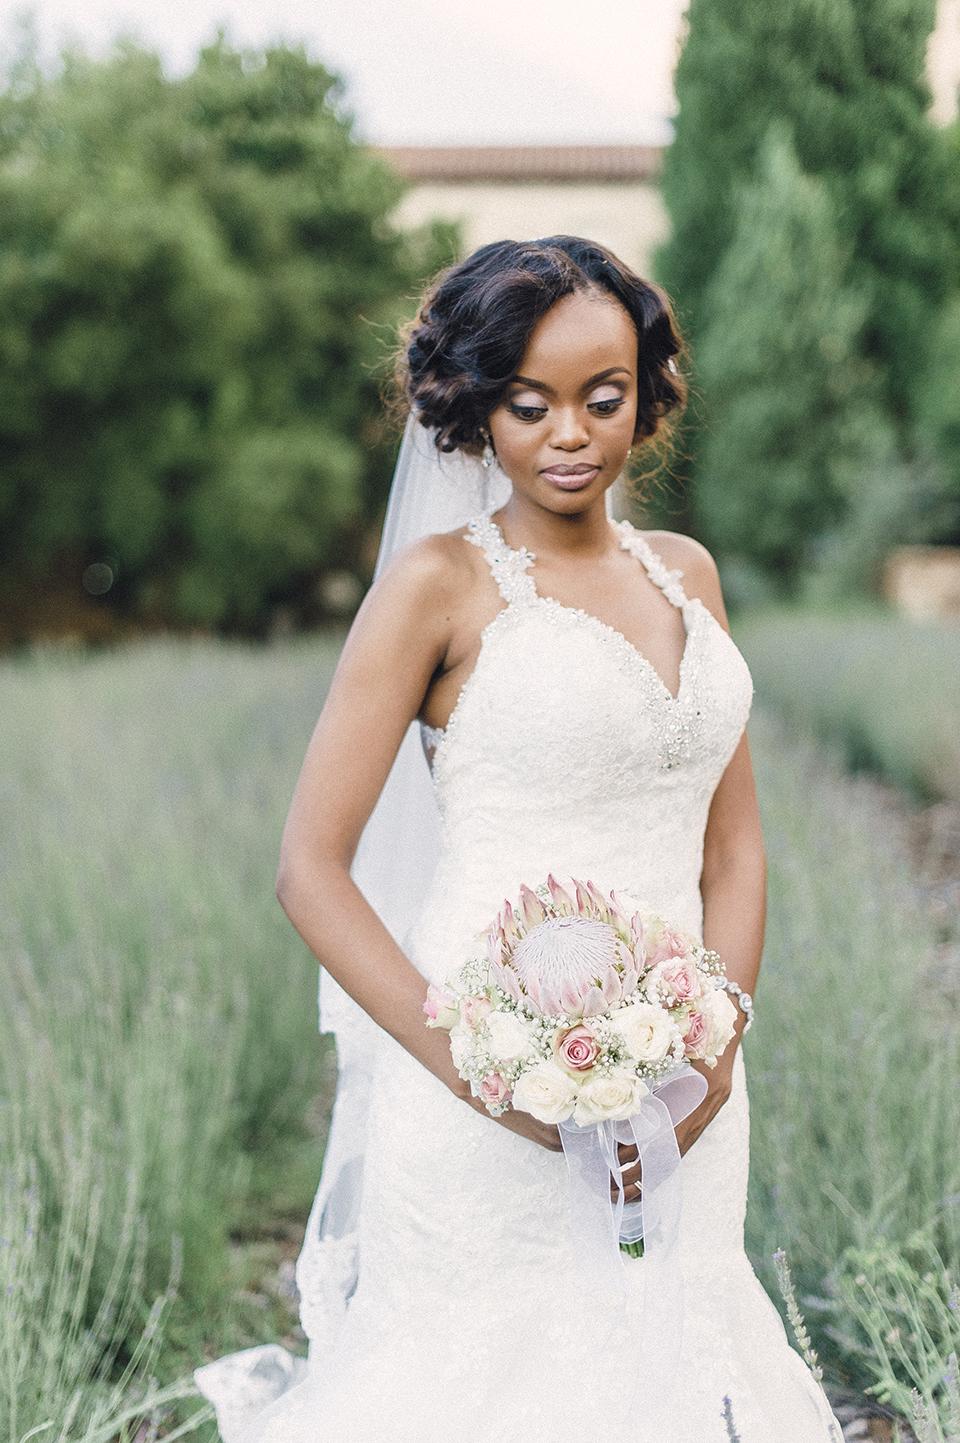 RyanParker_WeddingPhotographer_FineArt_CapeTown_Johannesburg_Hermanus_Avianto_T&L_DSC_9308.jpg